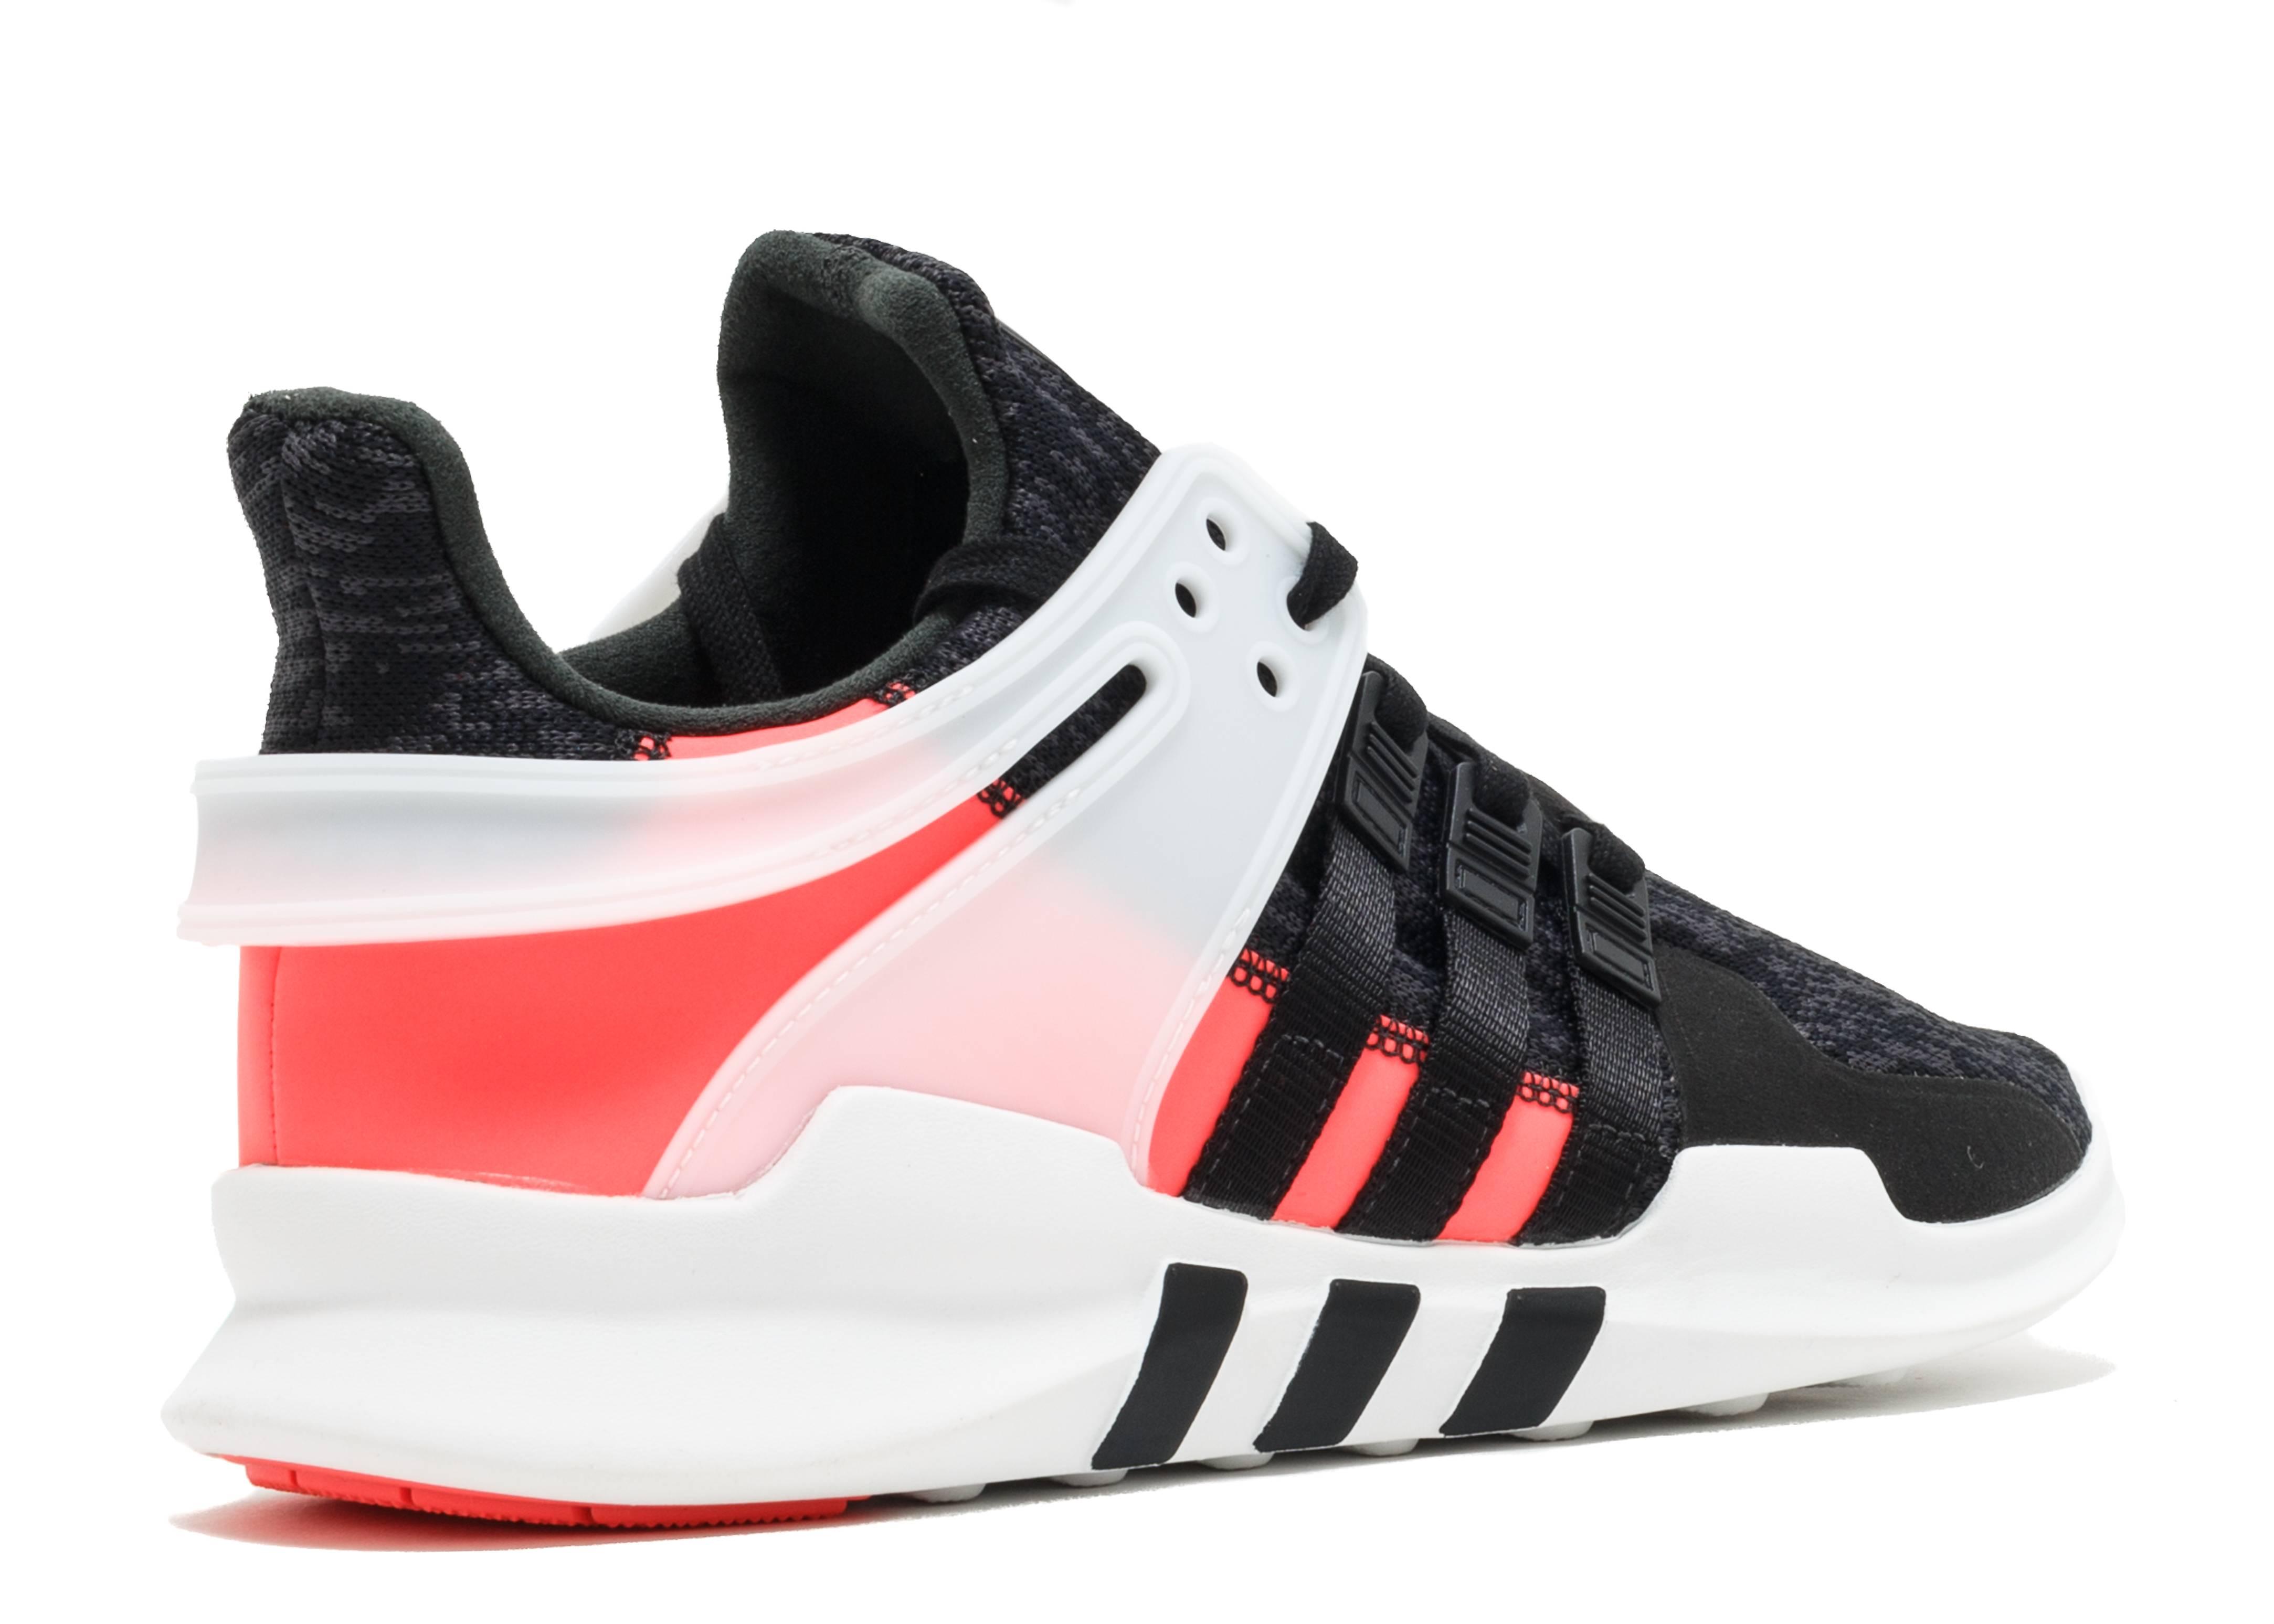 Pusha T & adidas Tease New